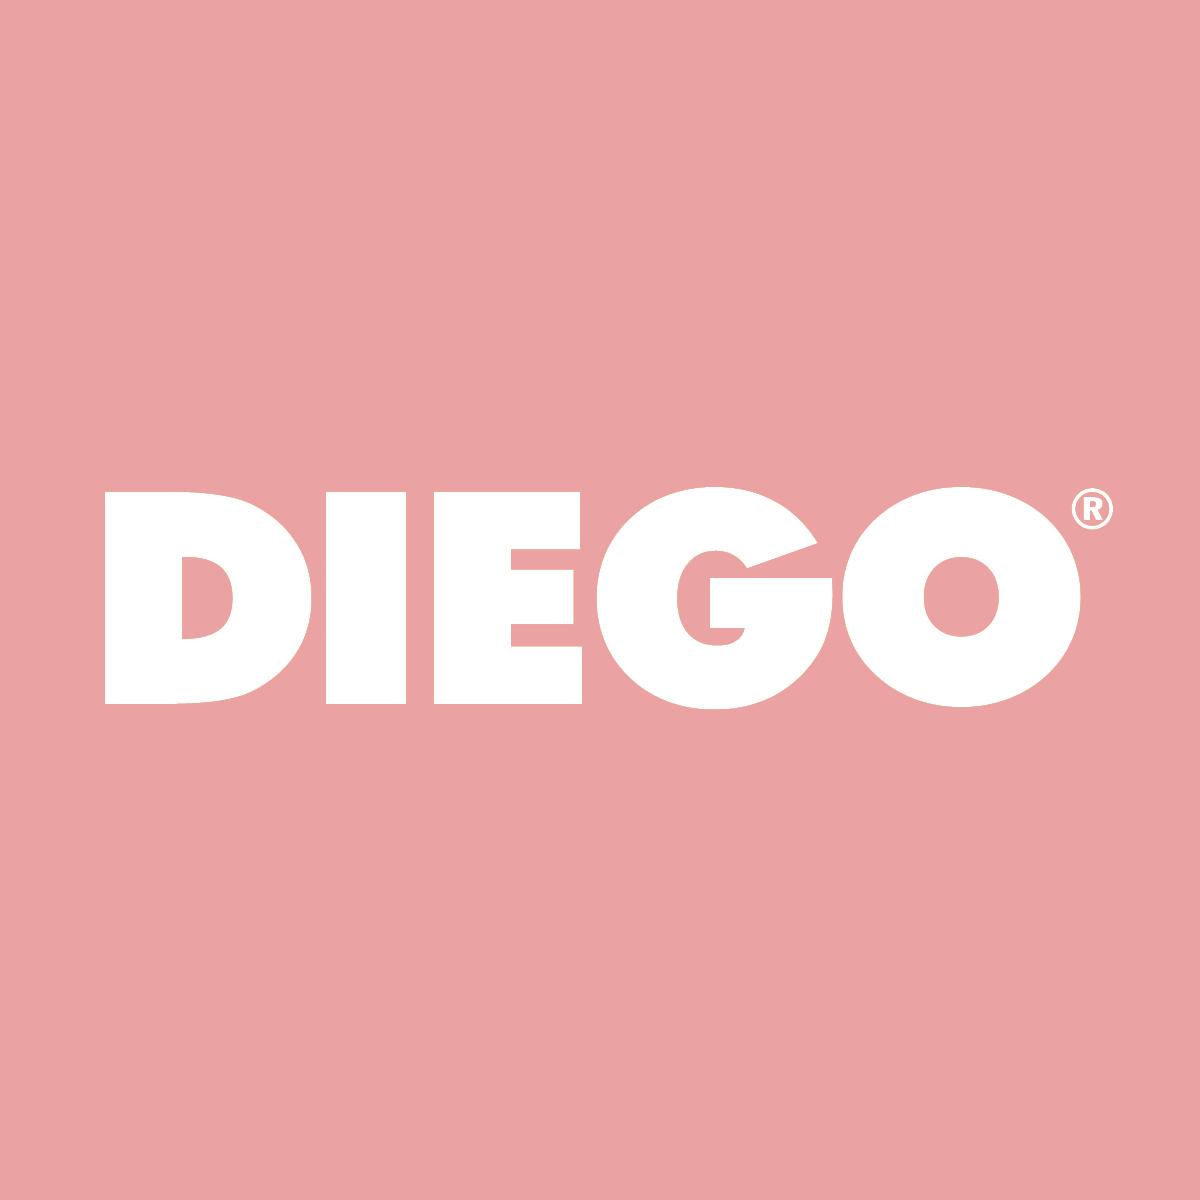 Super Soft szatén behúzó szalagos beige sötétítő, dekor készfüggöny